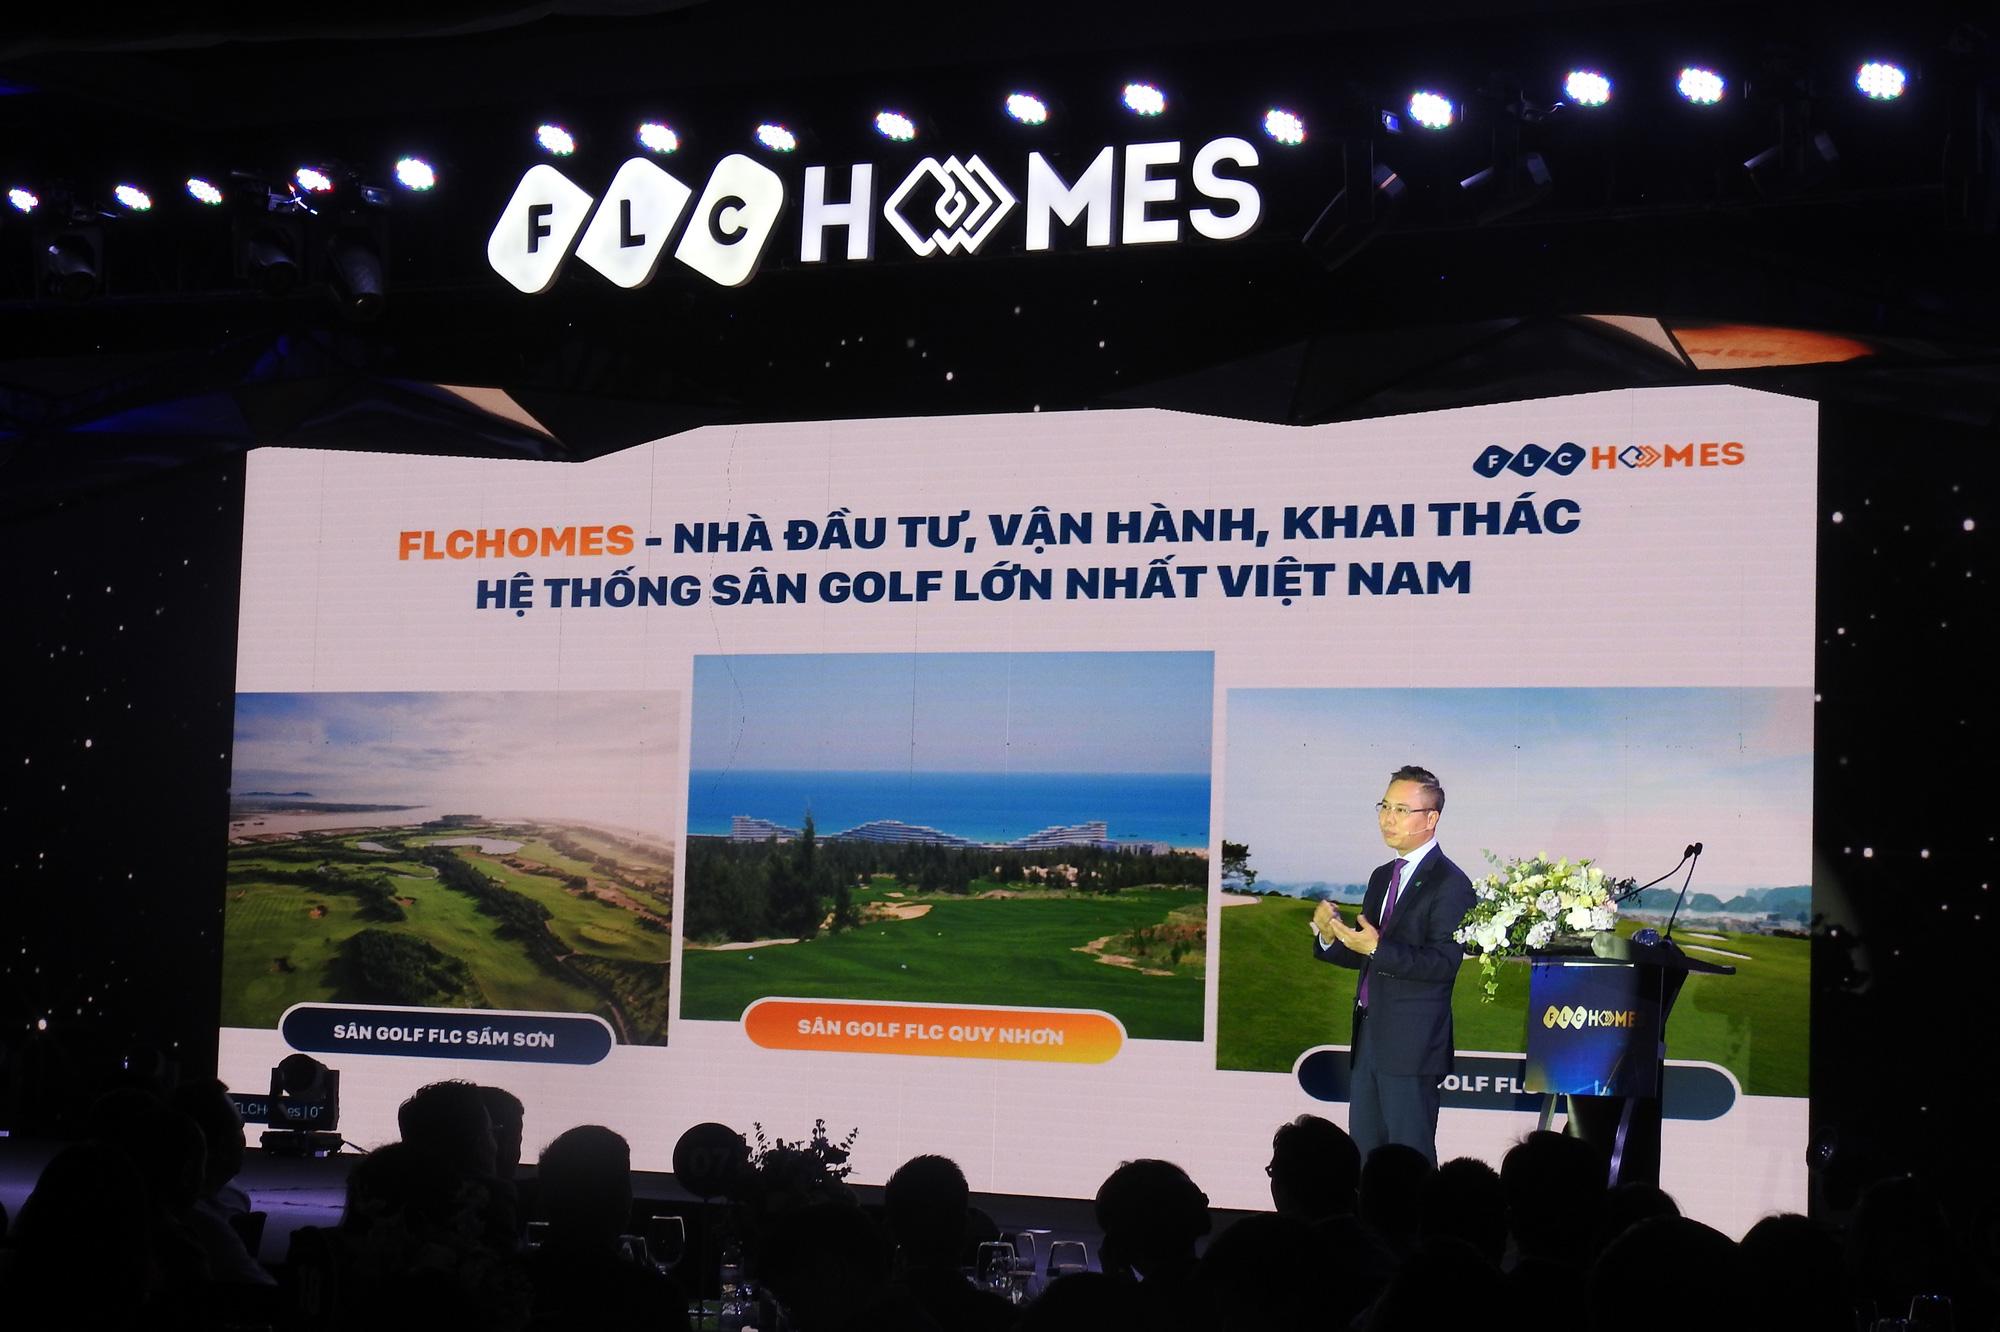 FLCHomes nộp hồ sơ niêm yết 416 triệu cổ phiếu tại HNX - Ảnh 1.